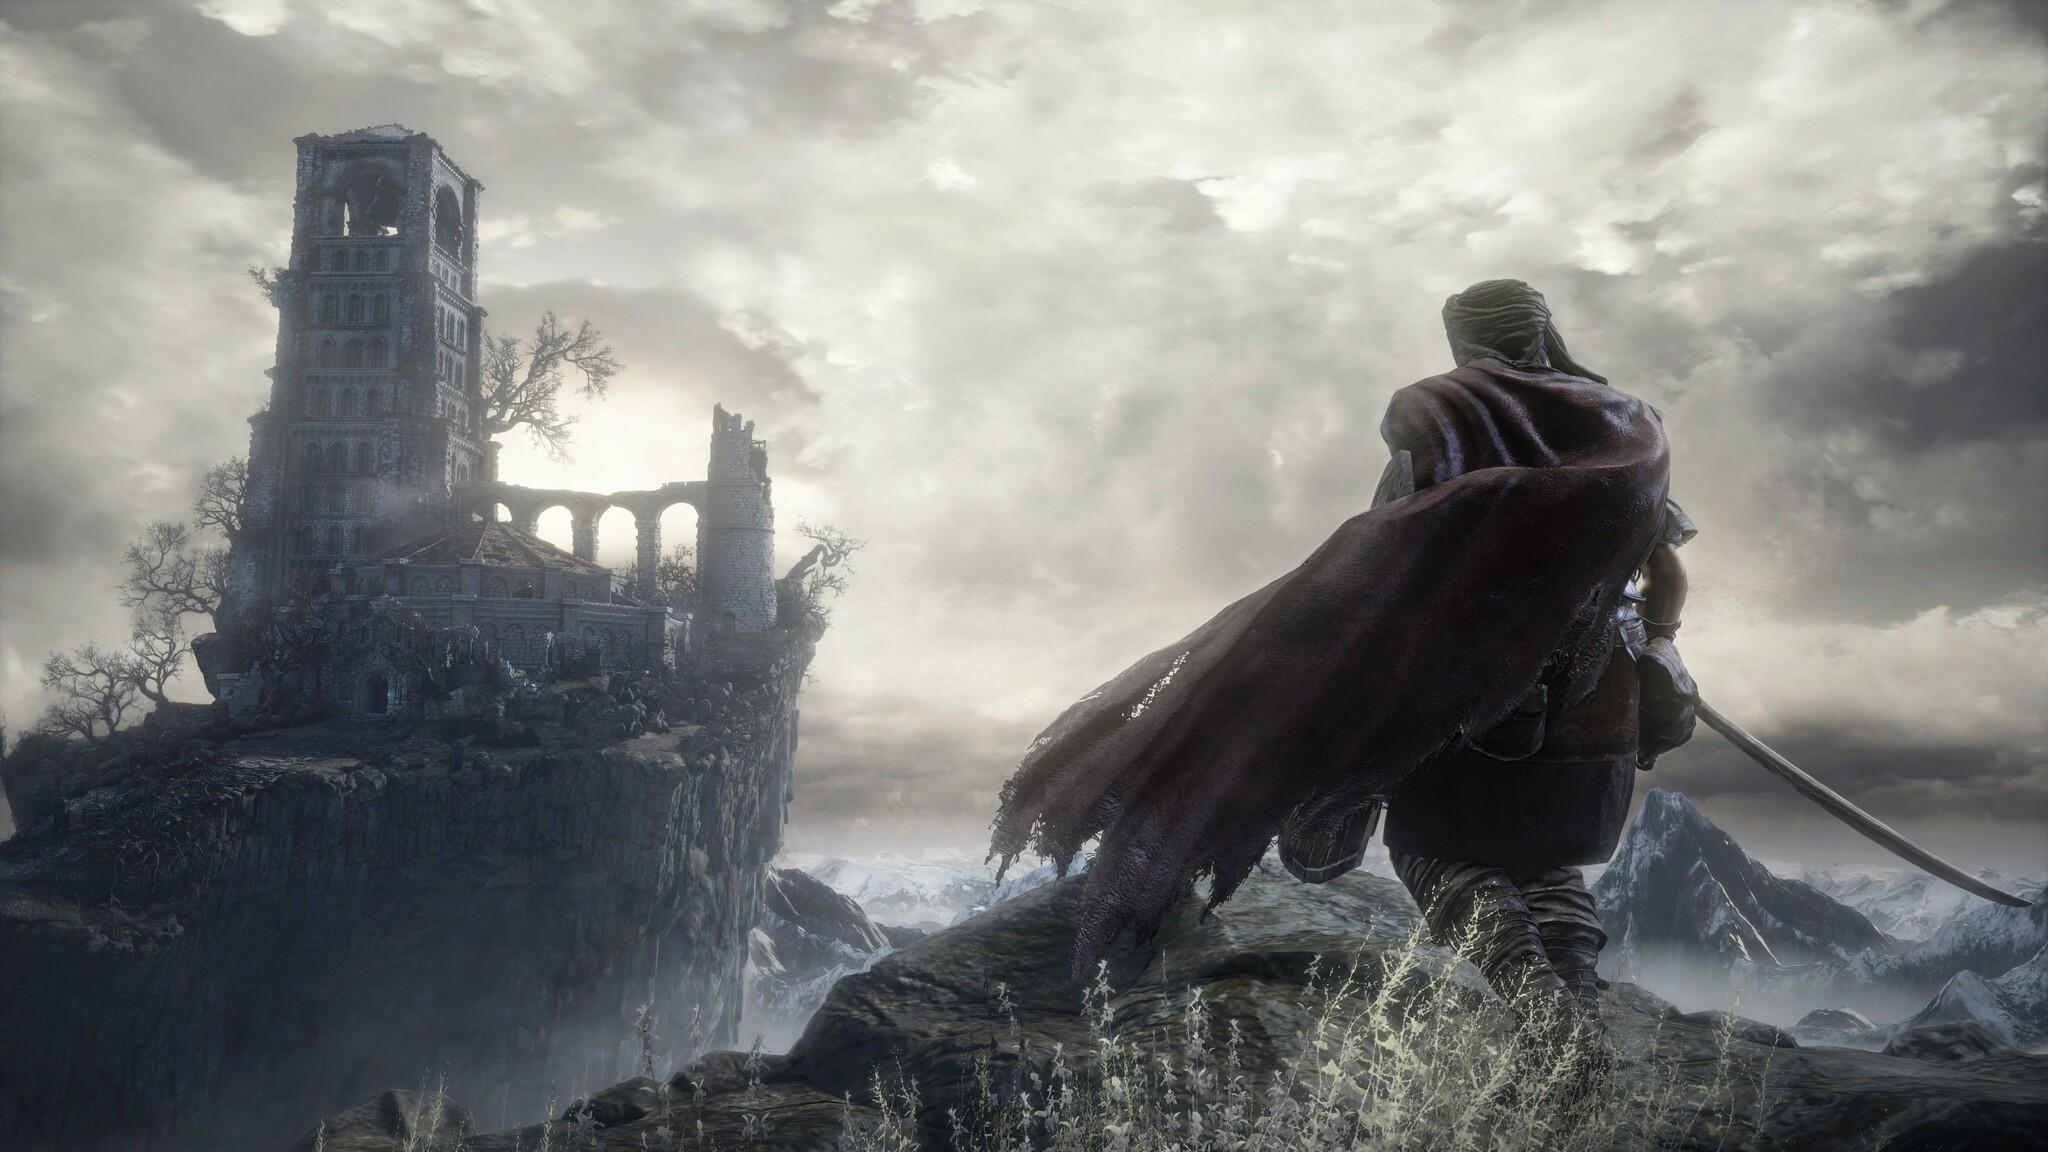 dark-souls-3-2016-video-game.jpg